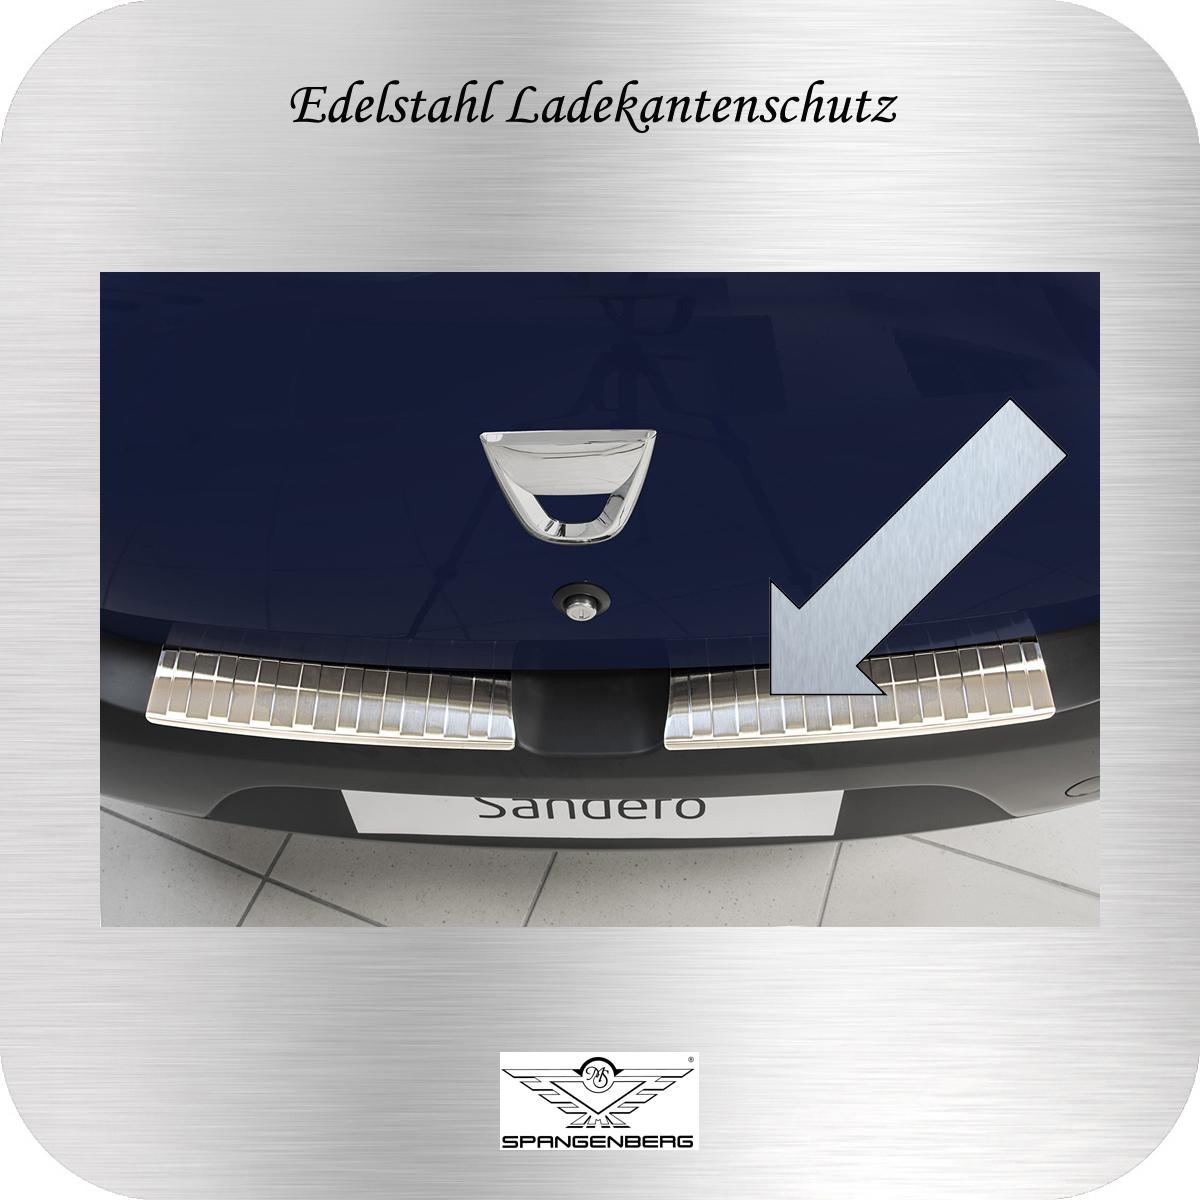 Ladekantenschutz Edelstahl Dacia Sandero II 2012- 3235143